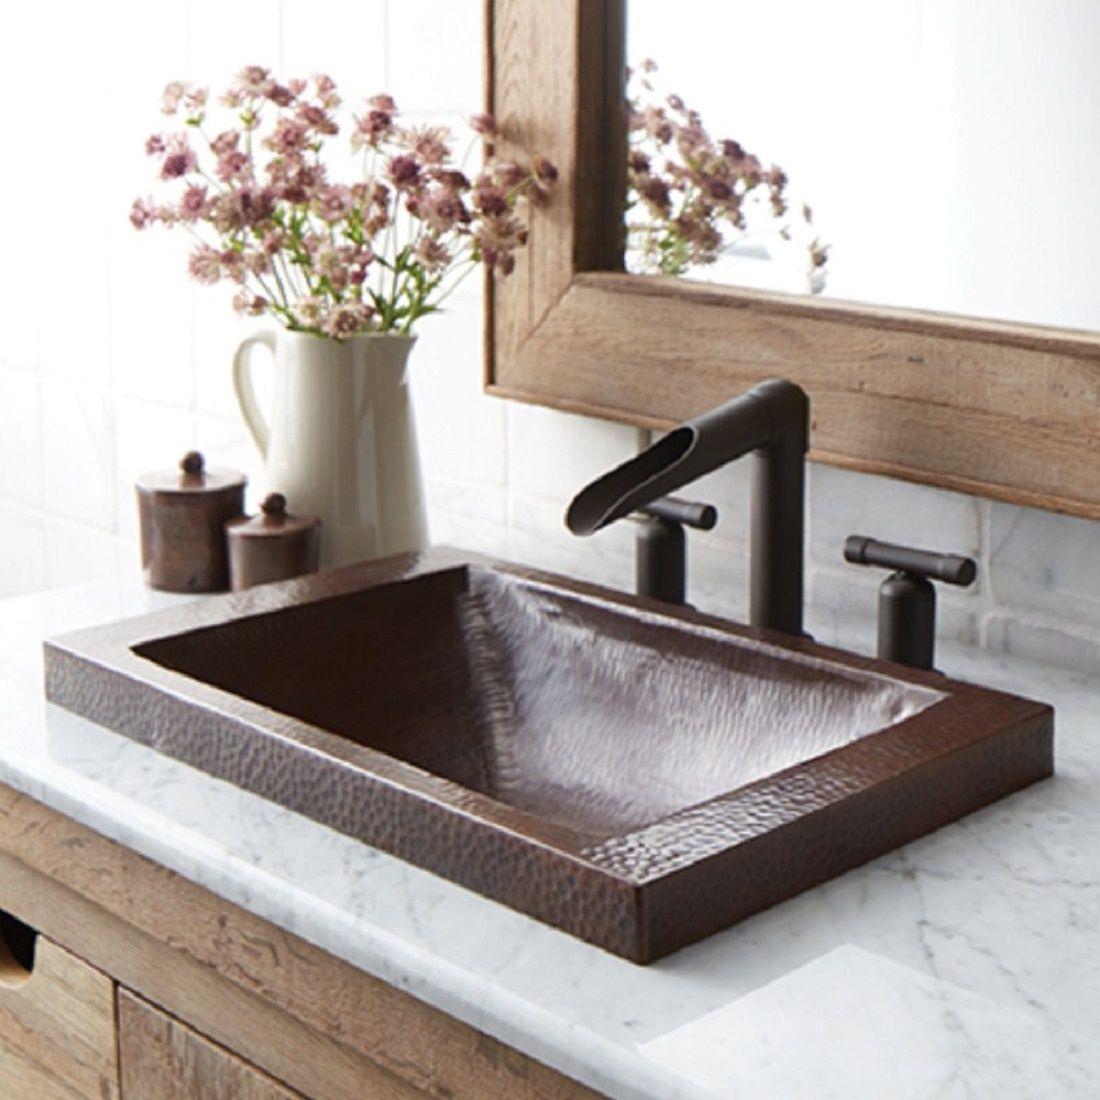 Sinks Drop In Bathroom Sinks Copper Bathroom Sink